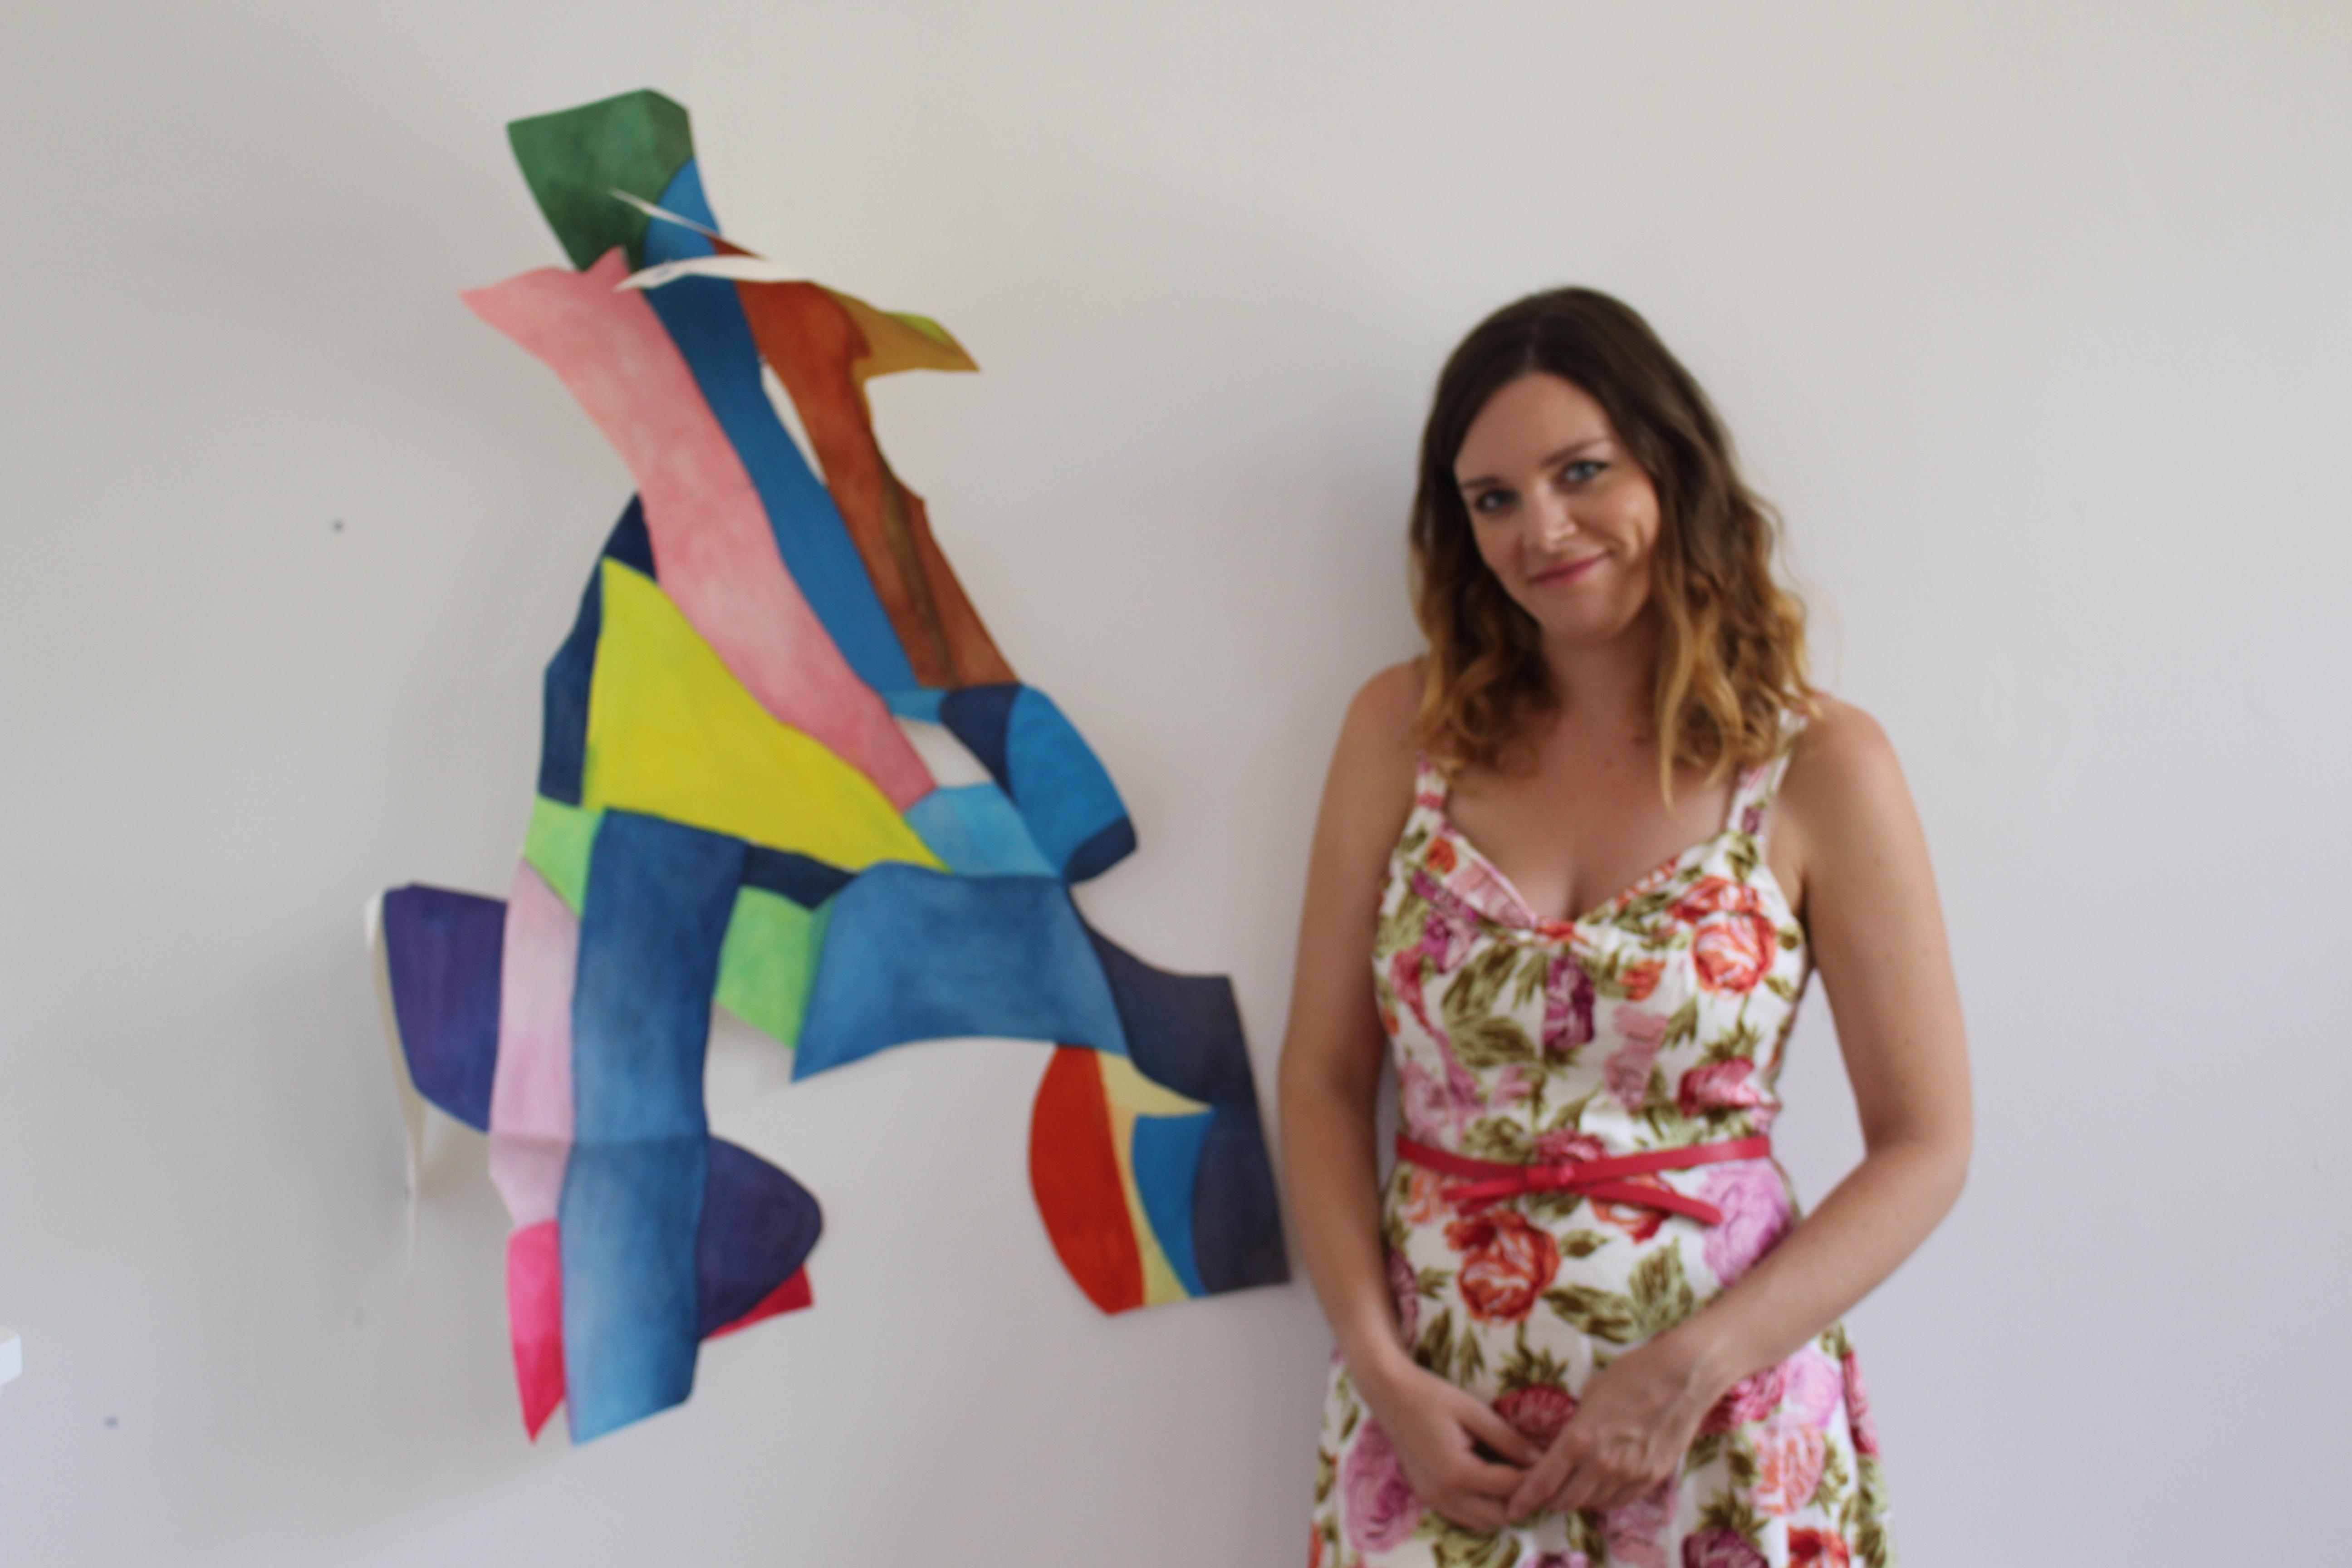 Julia Kennedy-Bell 2015 Emerging Artist-in-Residence